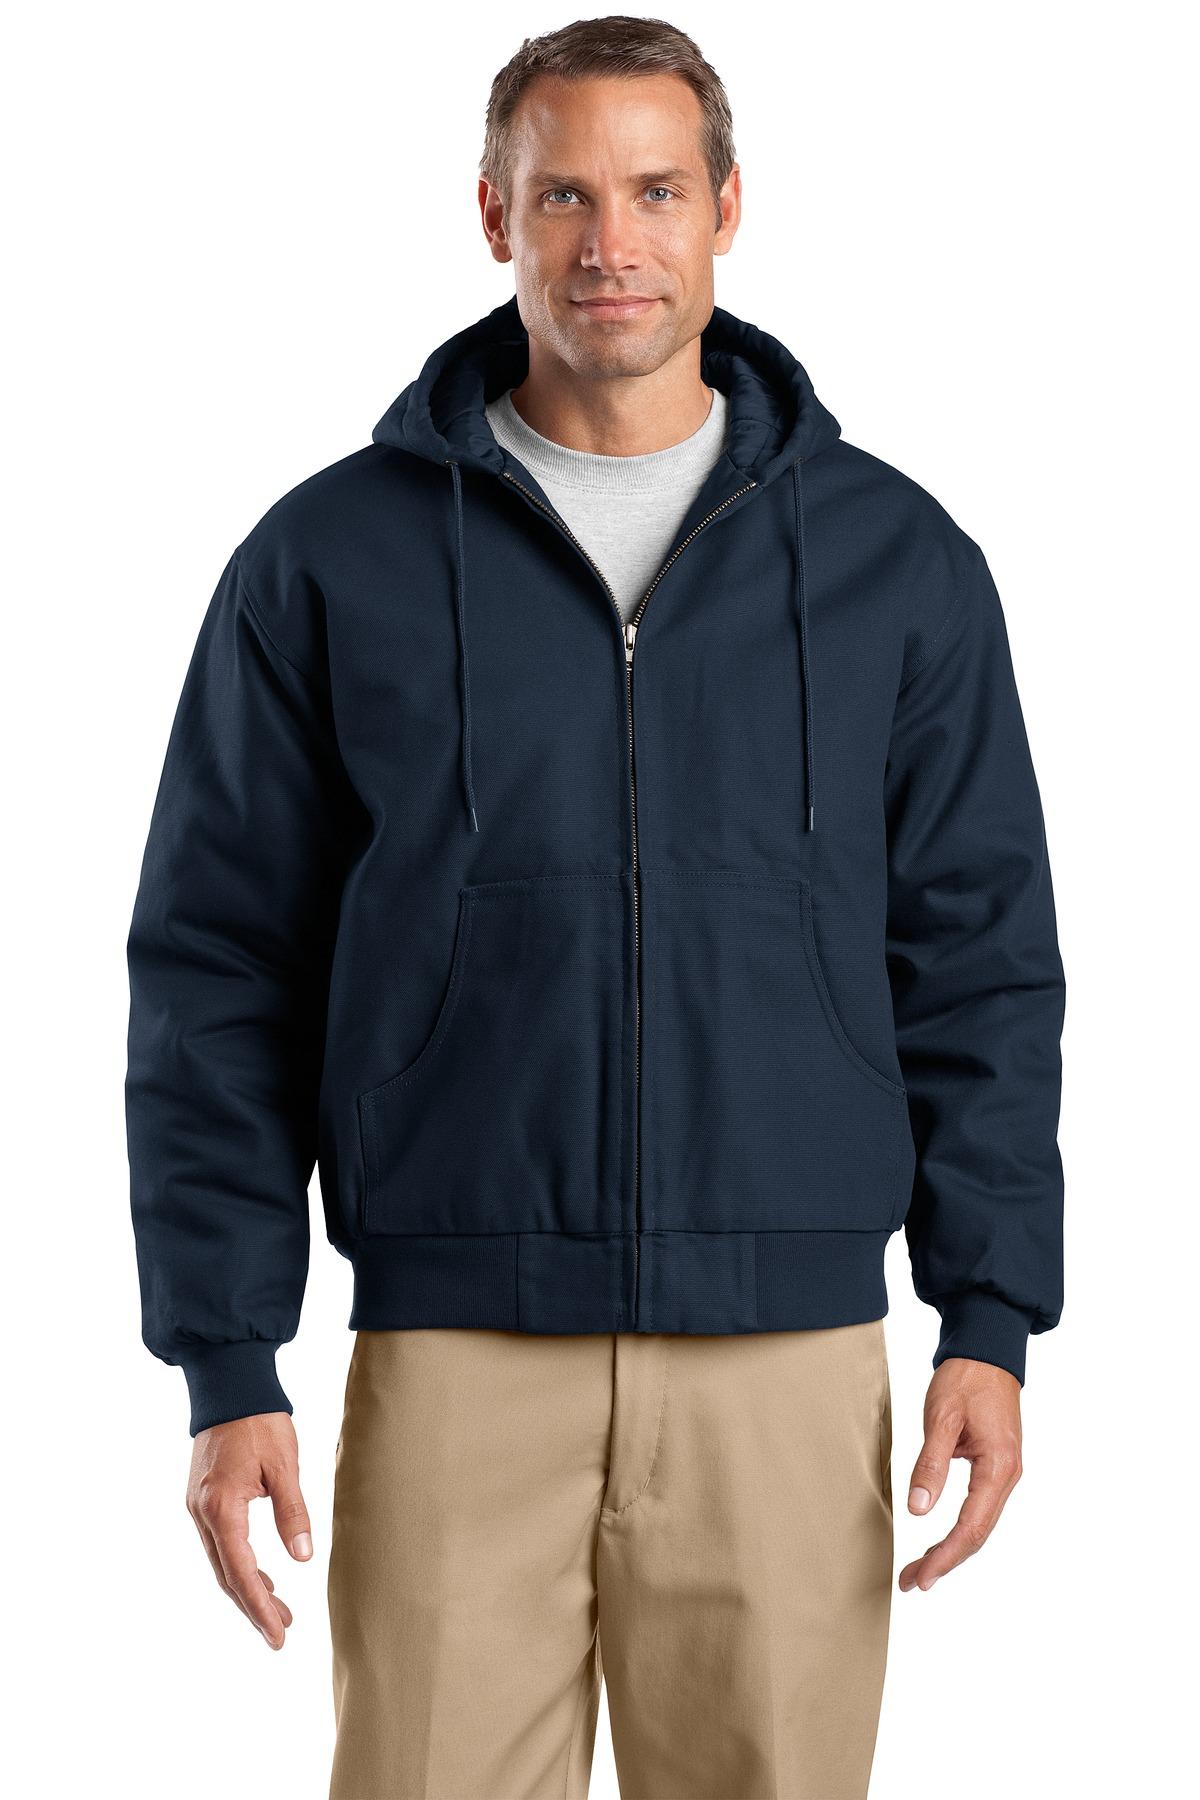 Outerwear-Work-Jackets-9